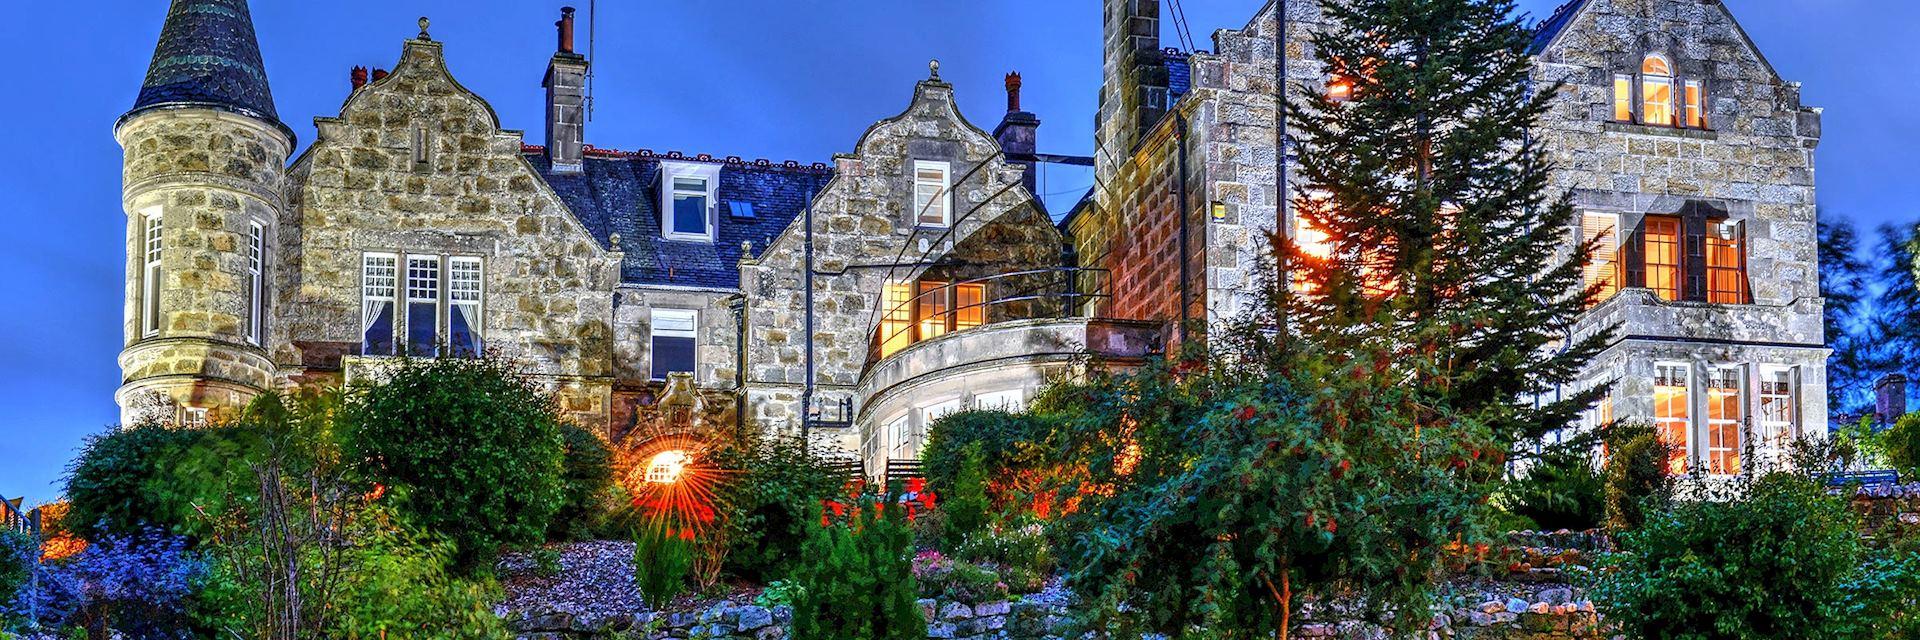 Dowans House, Speyside